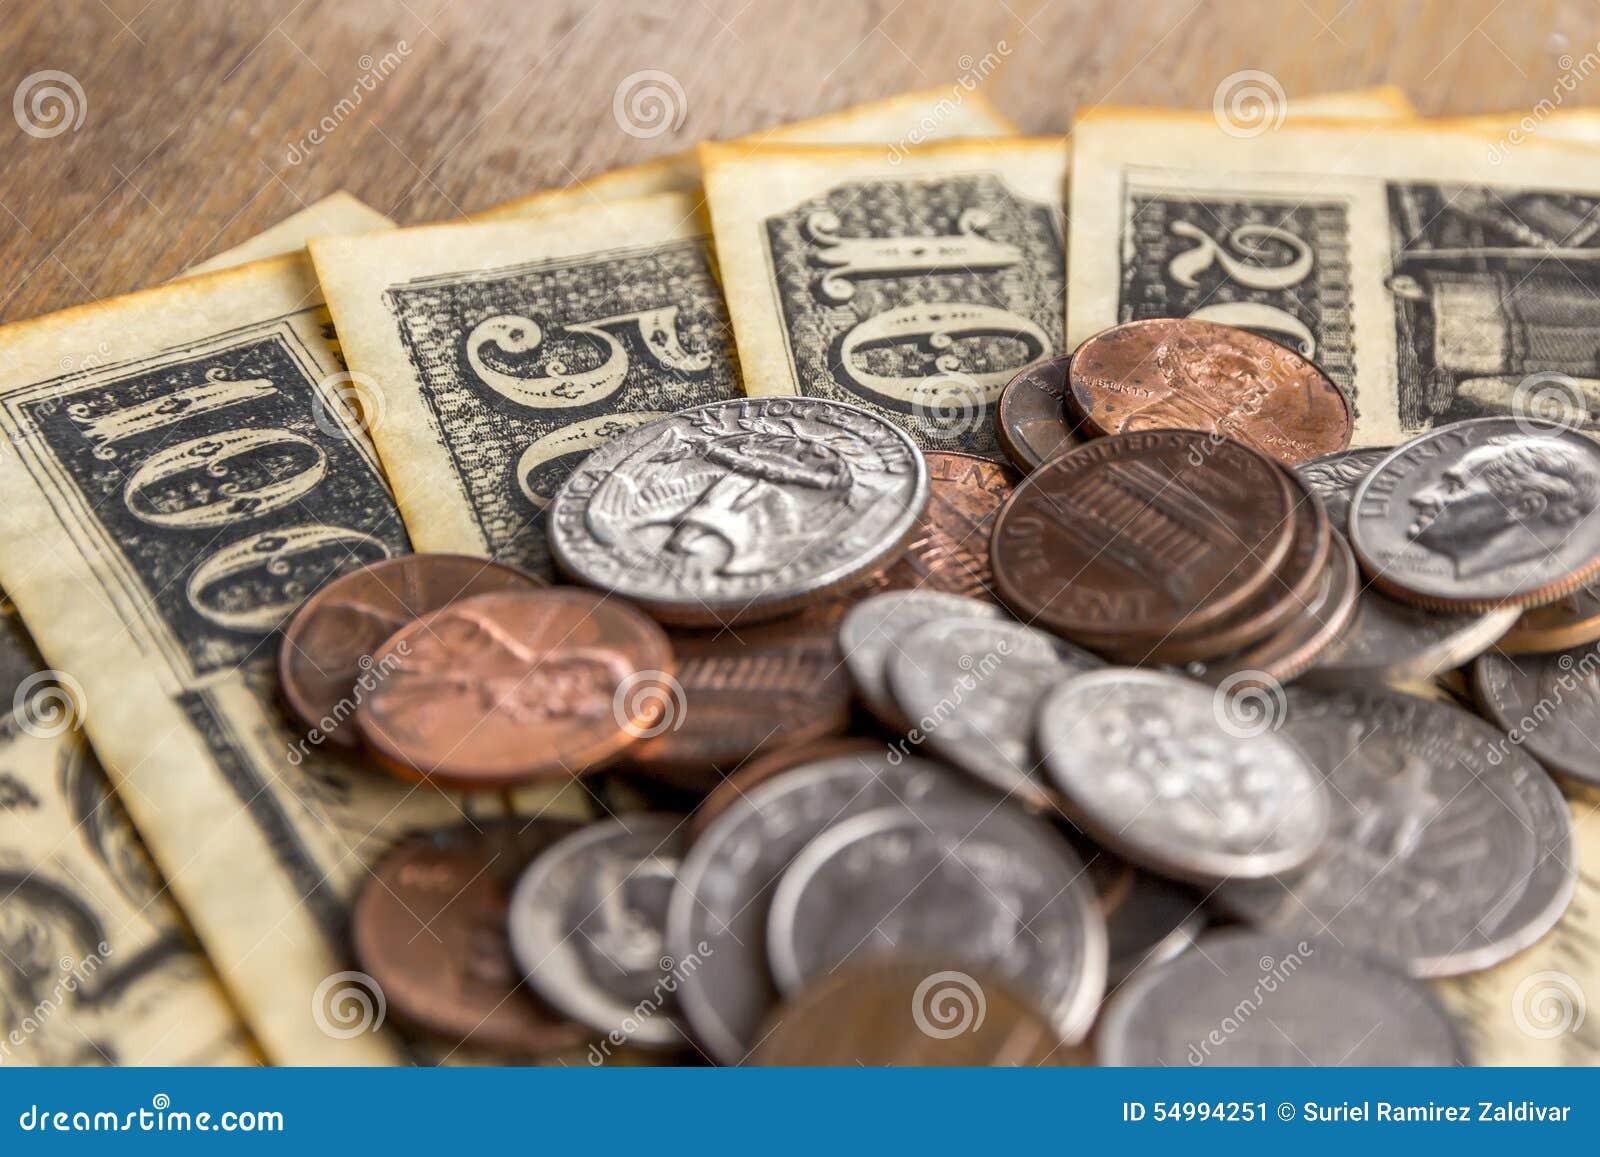 Σεντ και παλαιοί λογαριασμοί